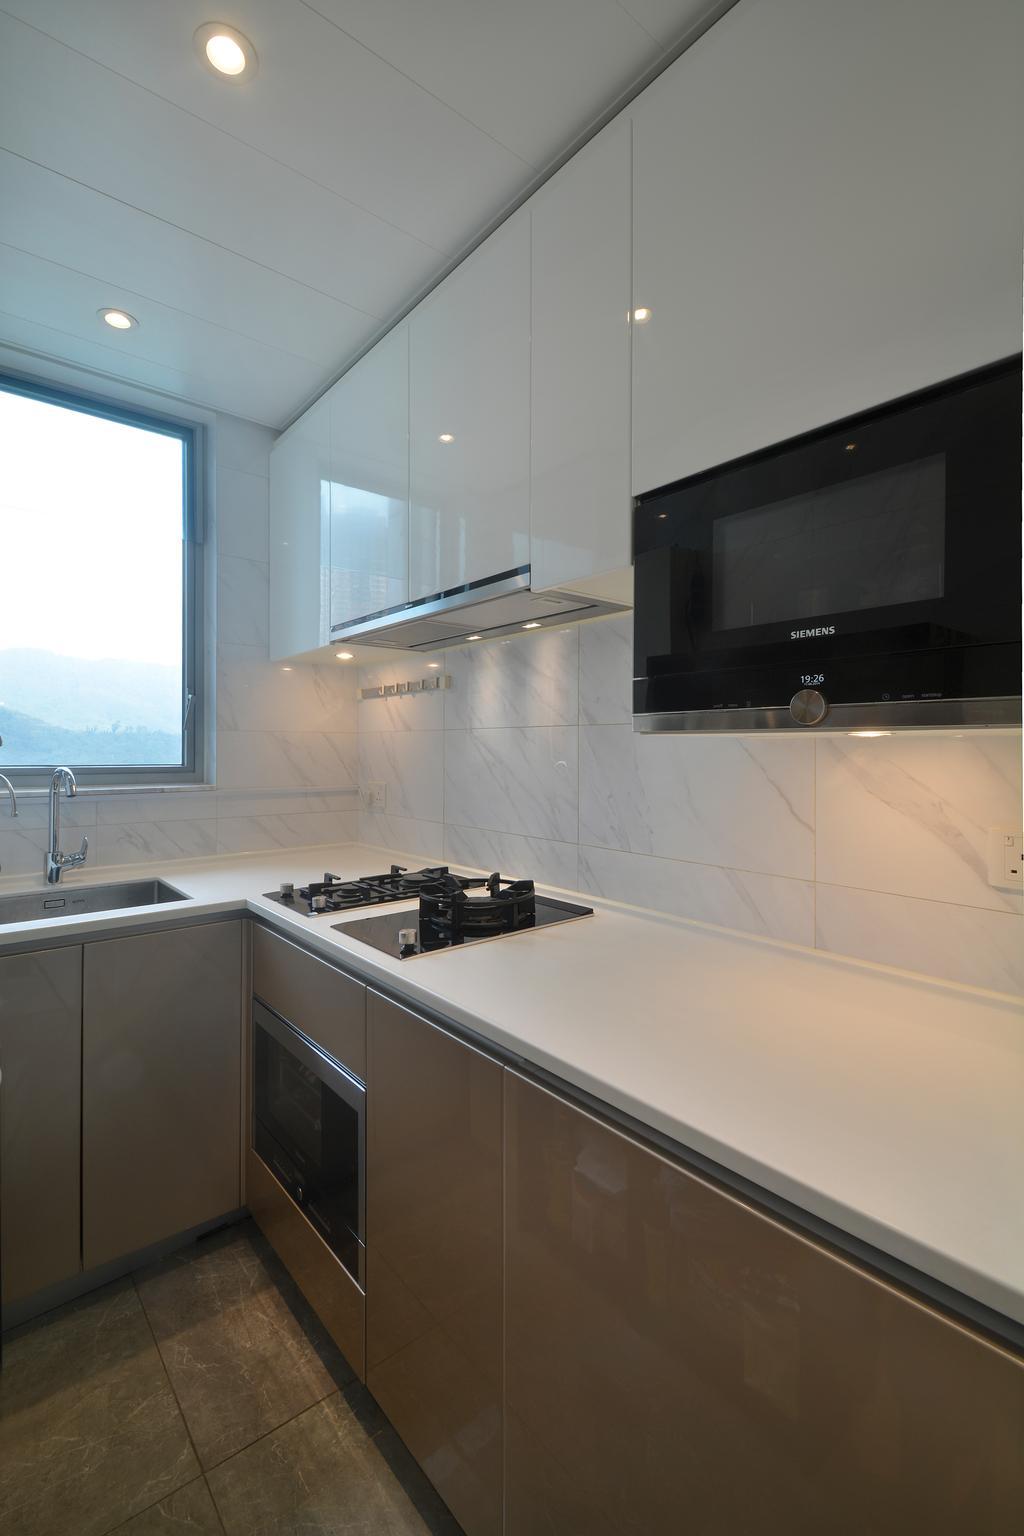 私家樓, 廚房, Savannah, 室內設計師, Space Design